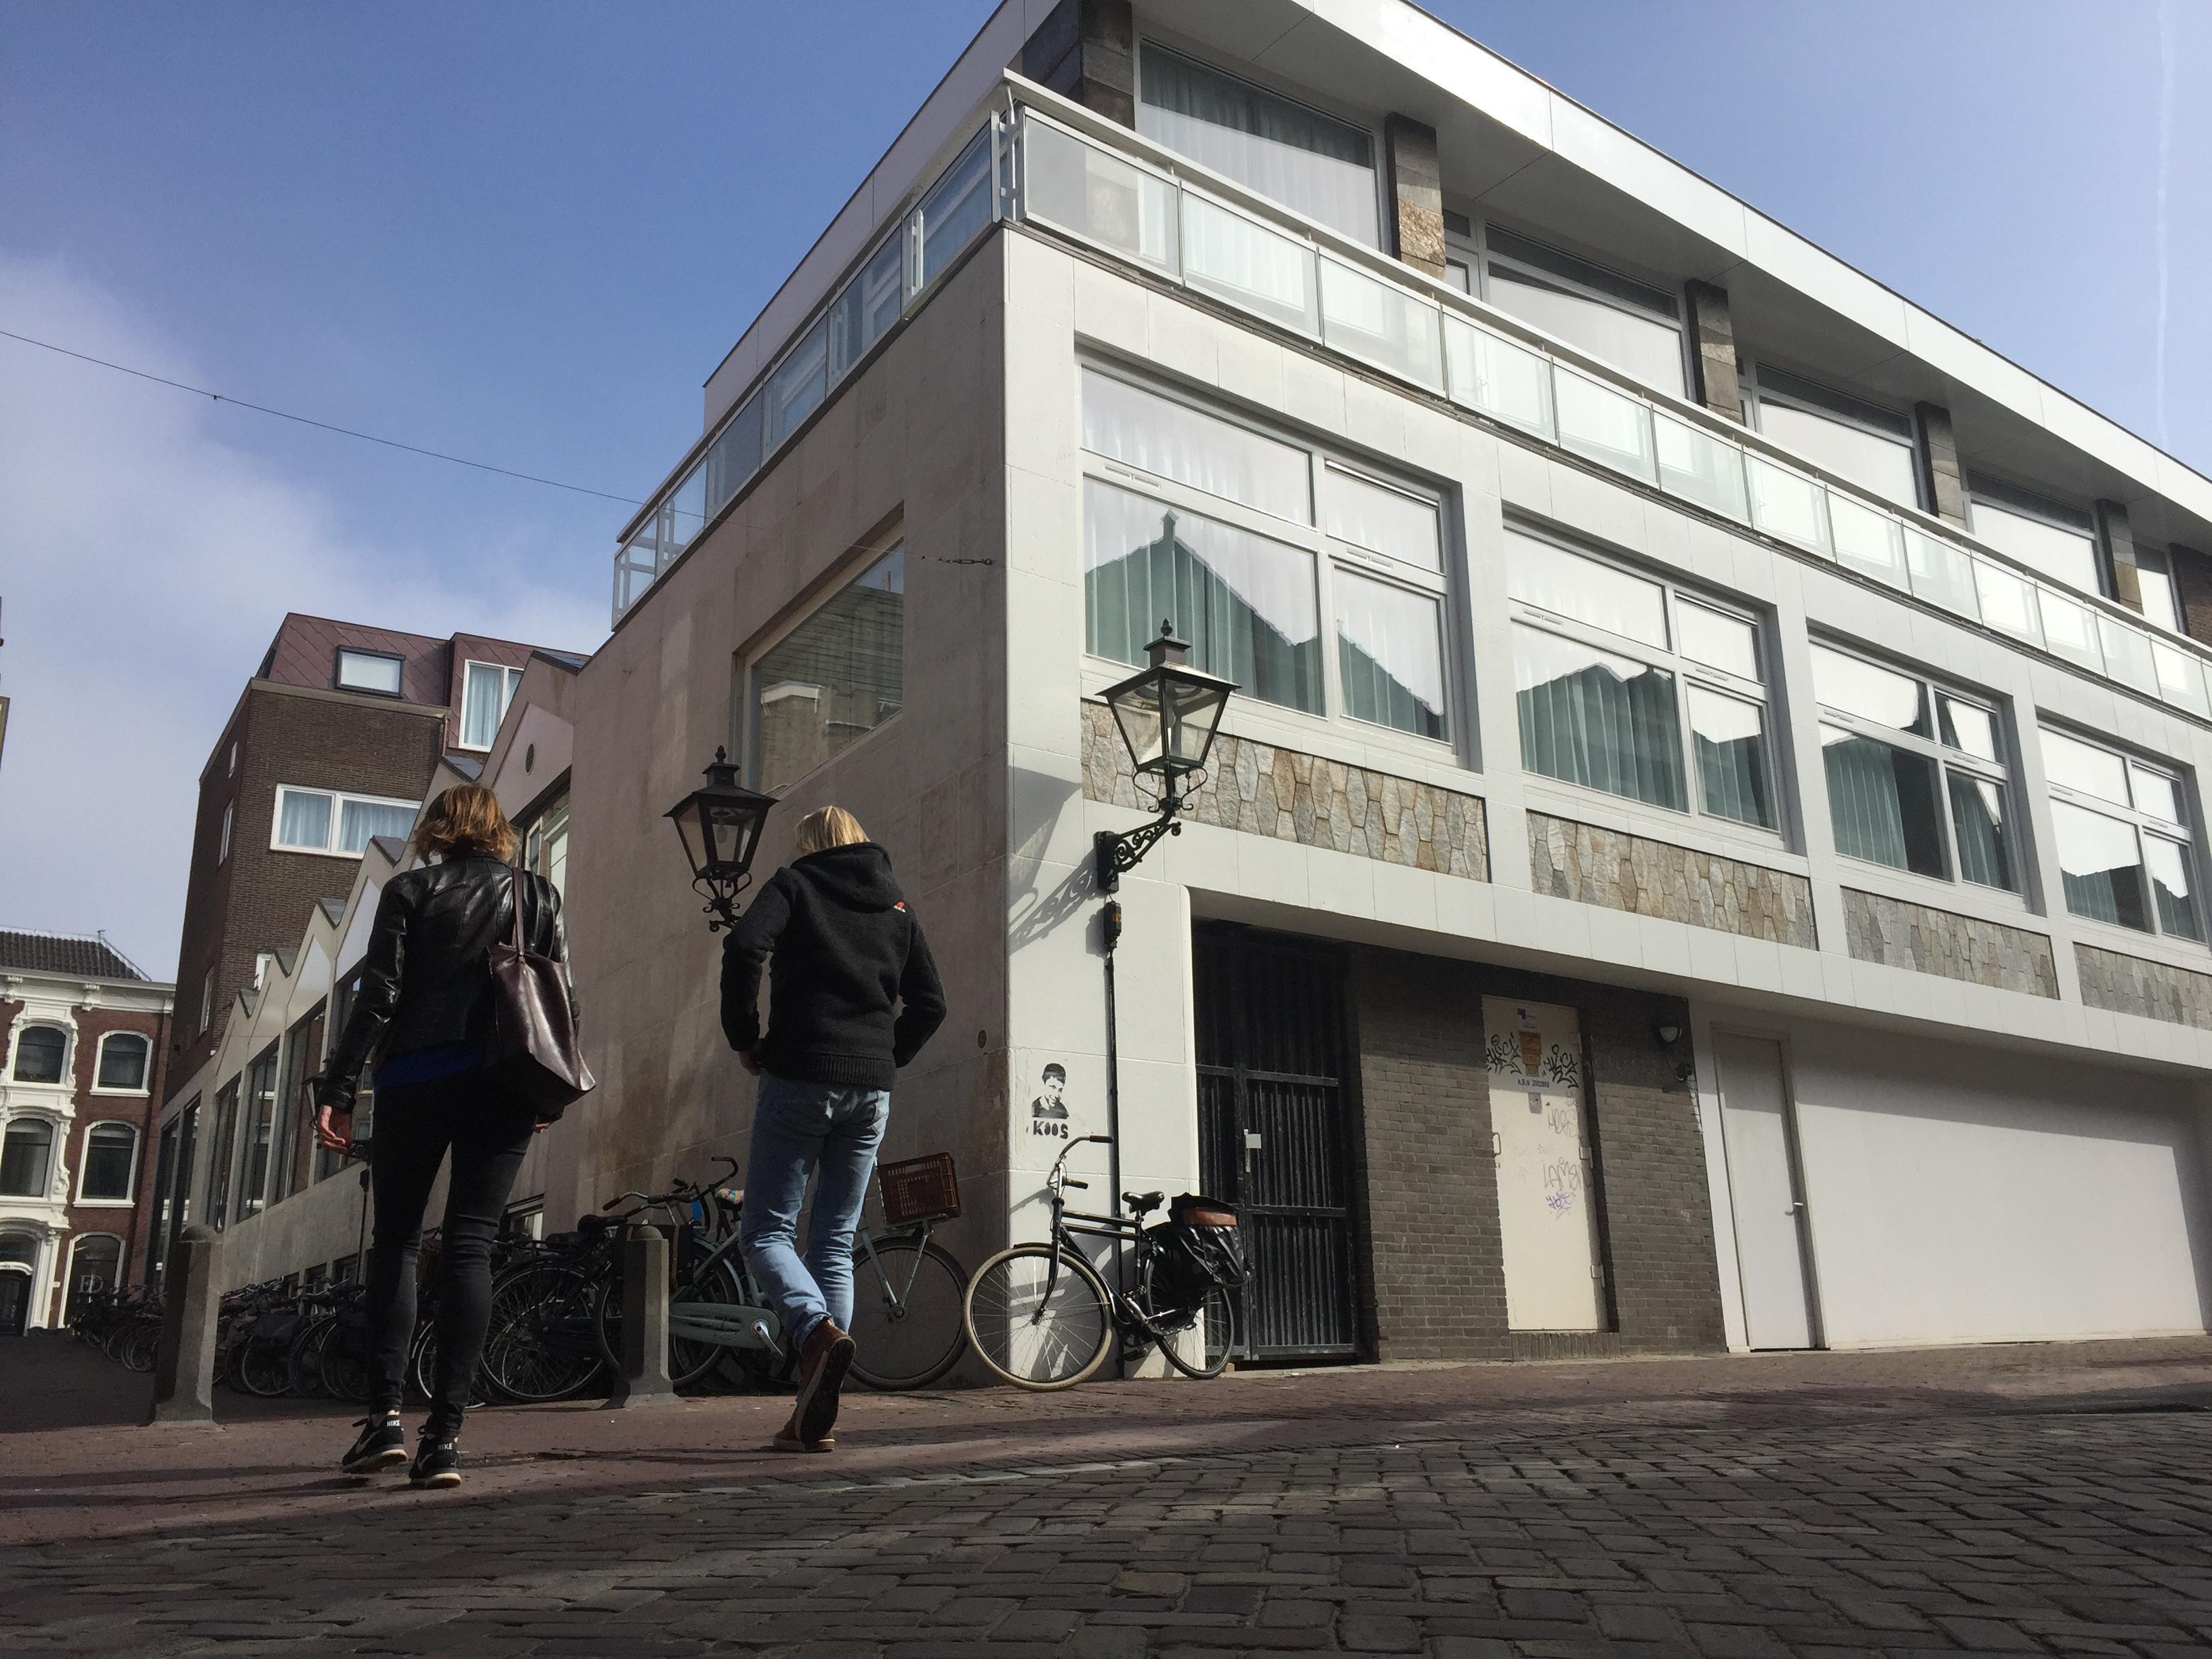 Wijk hekelt plan voor restaurant aan de Leidse Langebrug